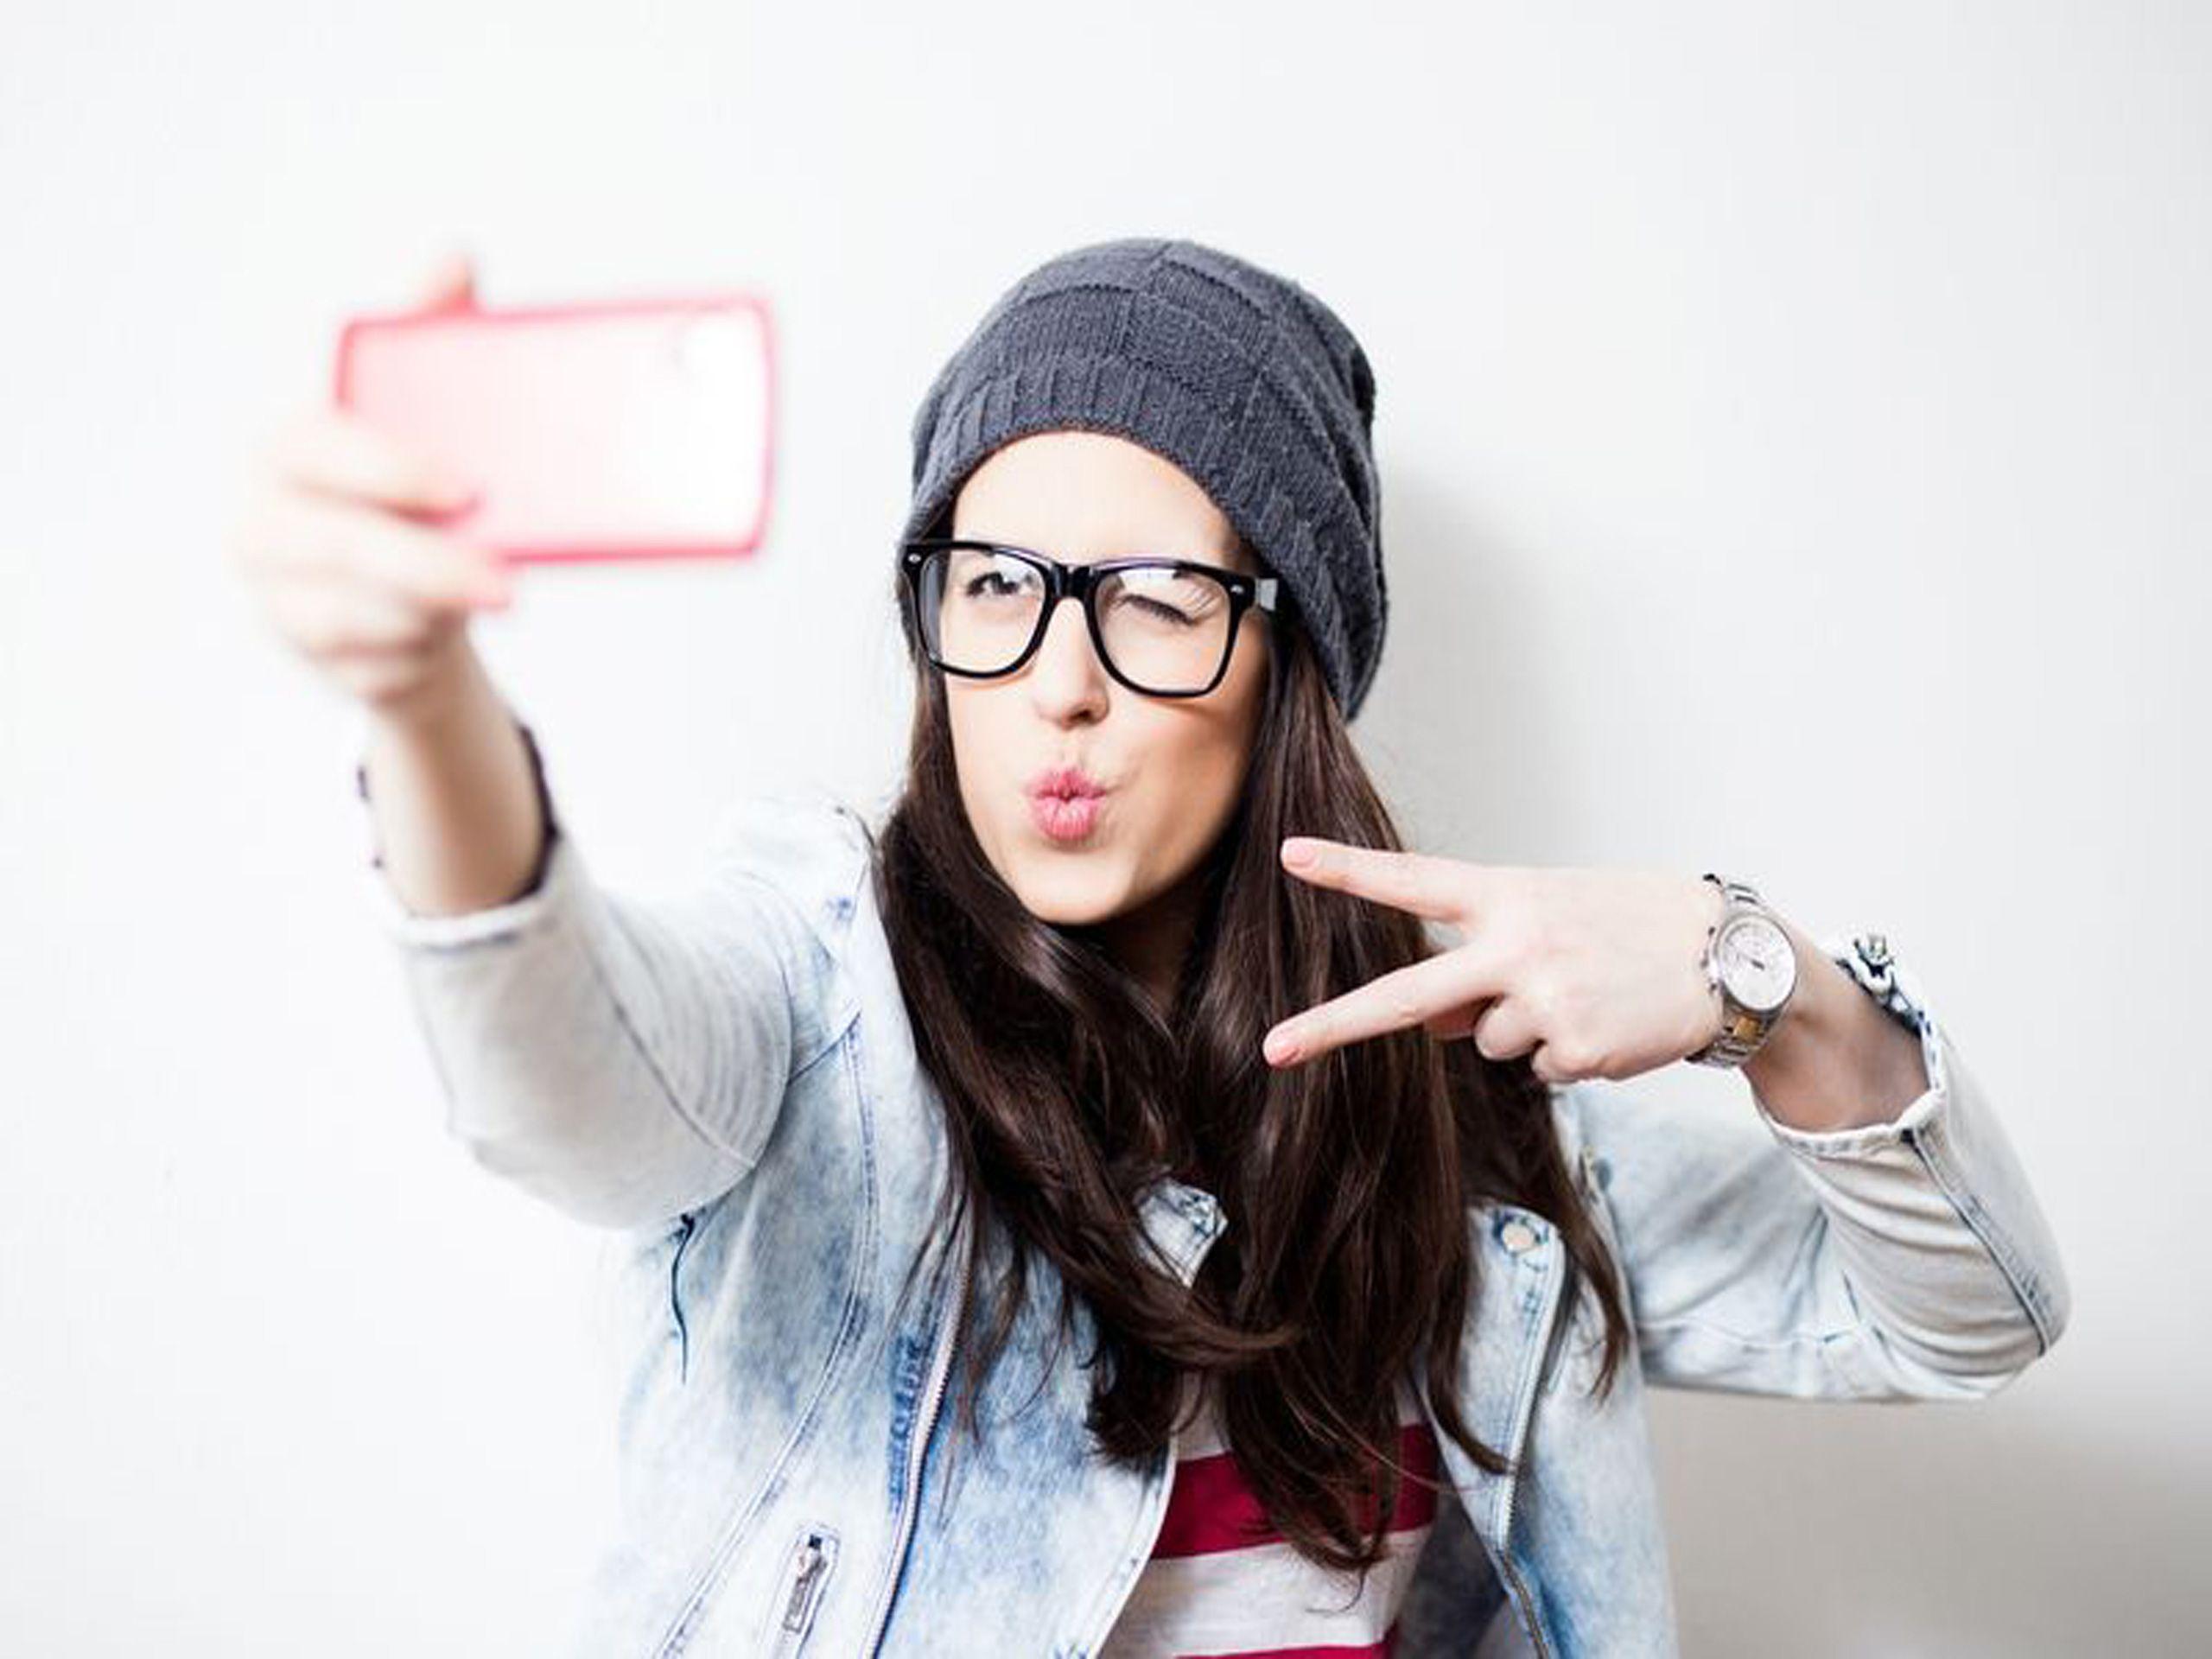 صور بنات سيلفي روعة جديدة و بجودة عالية جدا Influencer Marketing Millennials Perfect Selfie